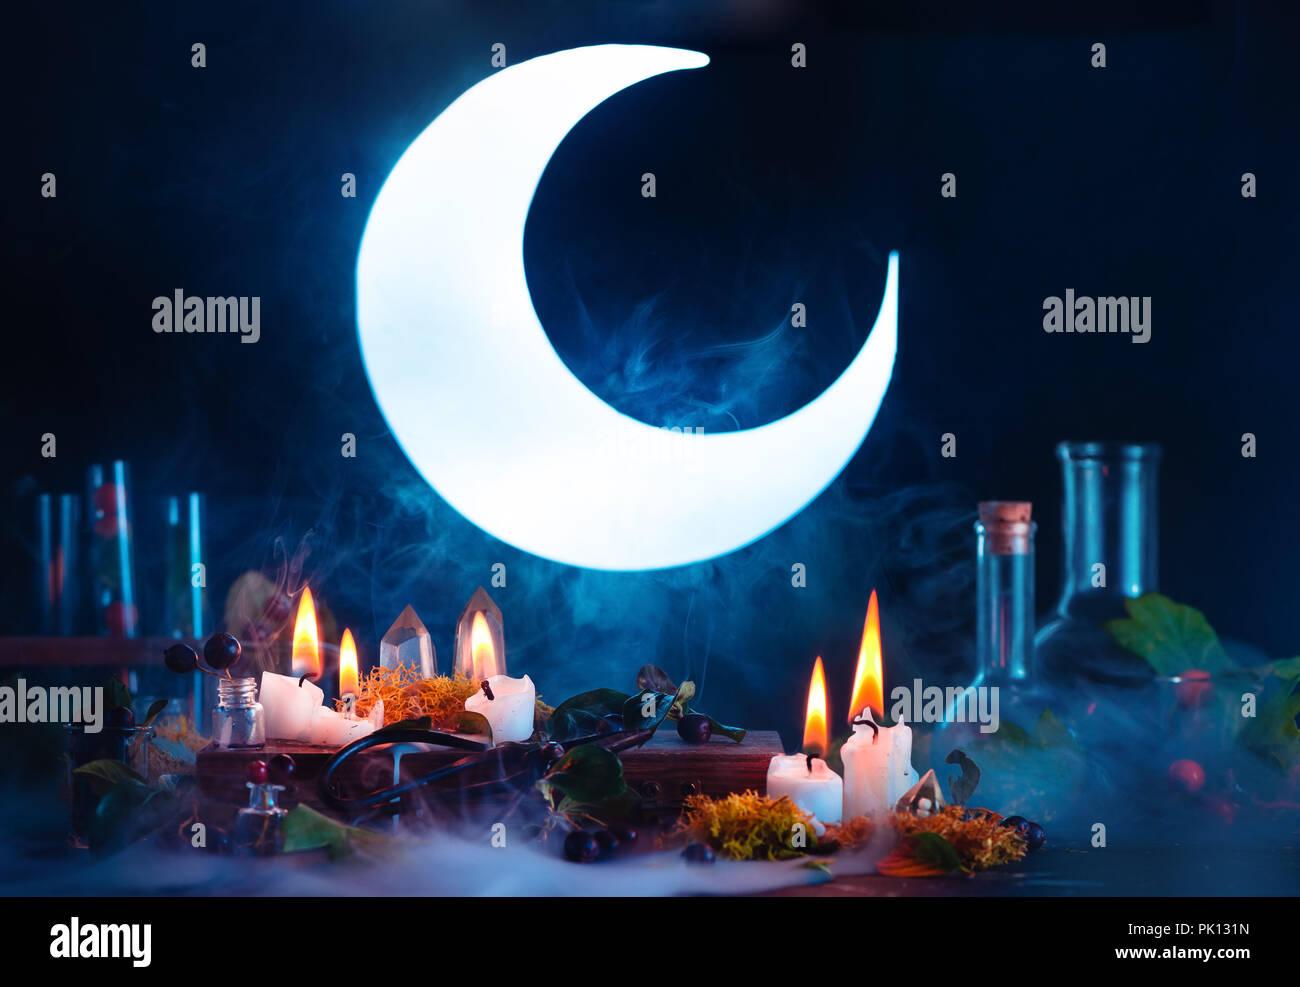 Intestazione di Halloween con splende la luna piena. Strega guidata o il luogo di lavoro con candele accese. Spooky ancora il concetto di vita su uno sfondo scuro con copia spac Immagini Stock